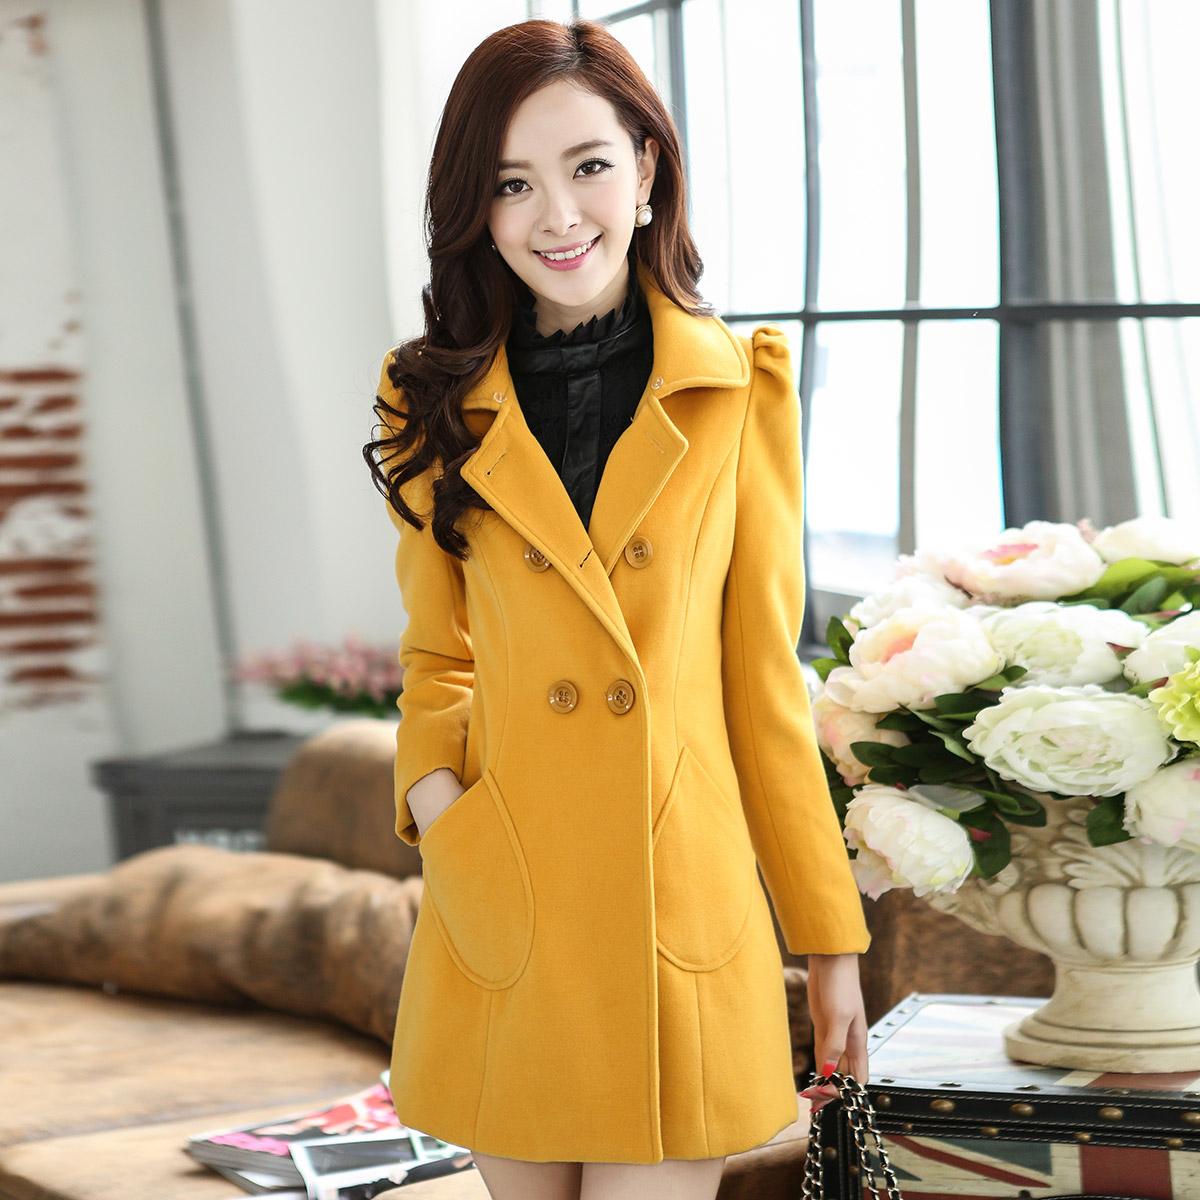 毛呢外套女大衣秋冬中长款2014新款女装气质韩版修身羊毛呢子外套